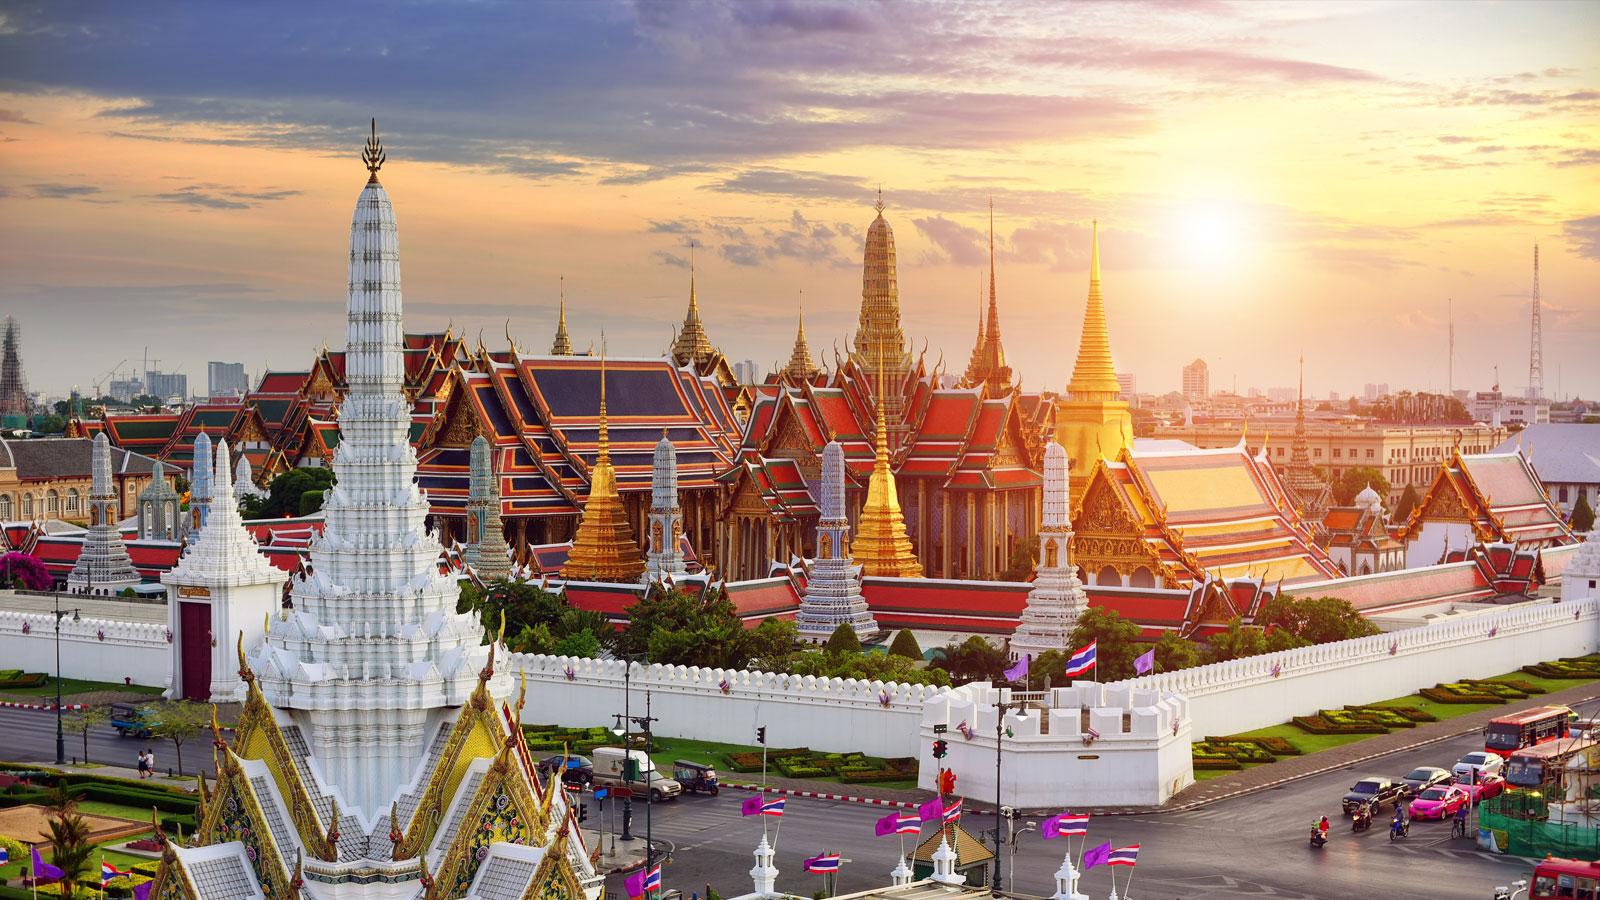 Du lịch Thái Lan: Bangkok - Pattaya - Safari World 5 ngày